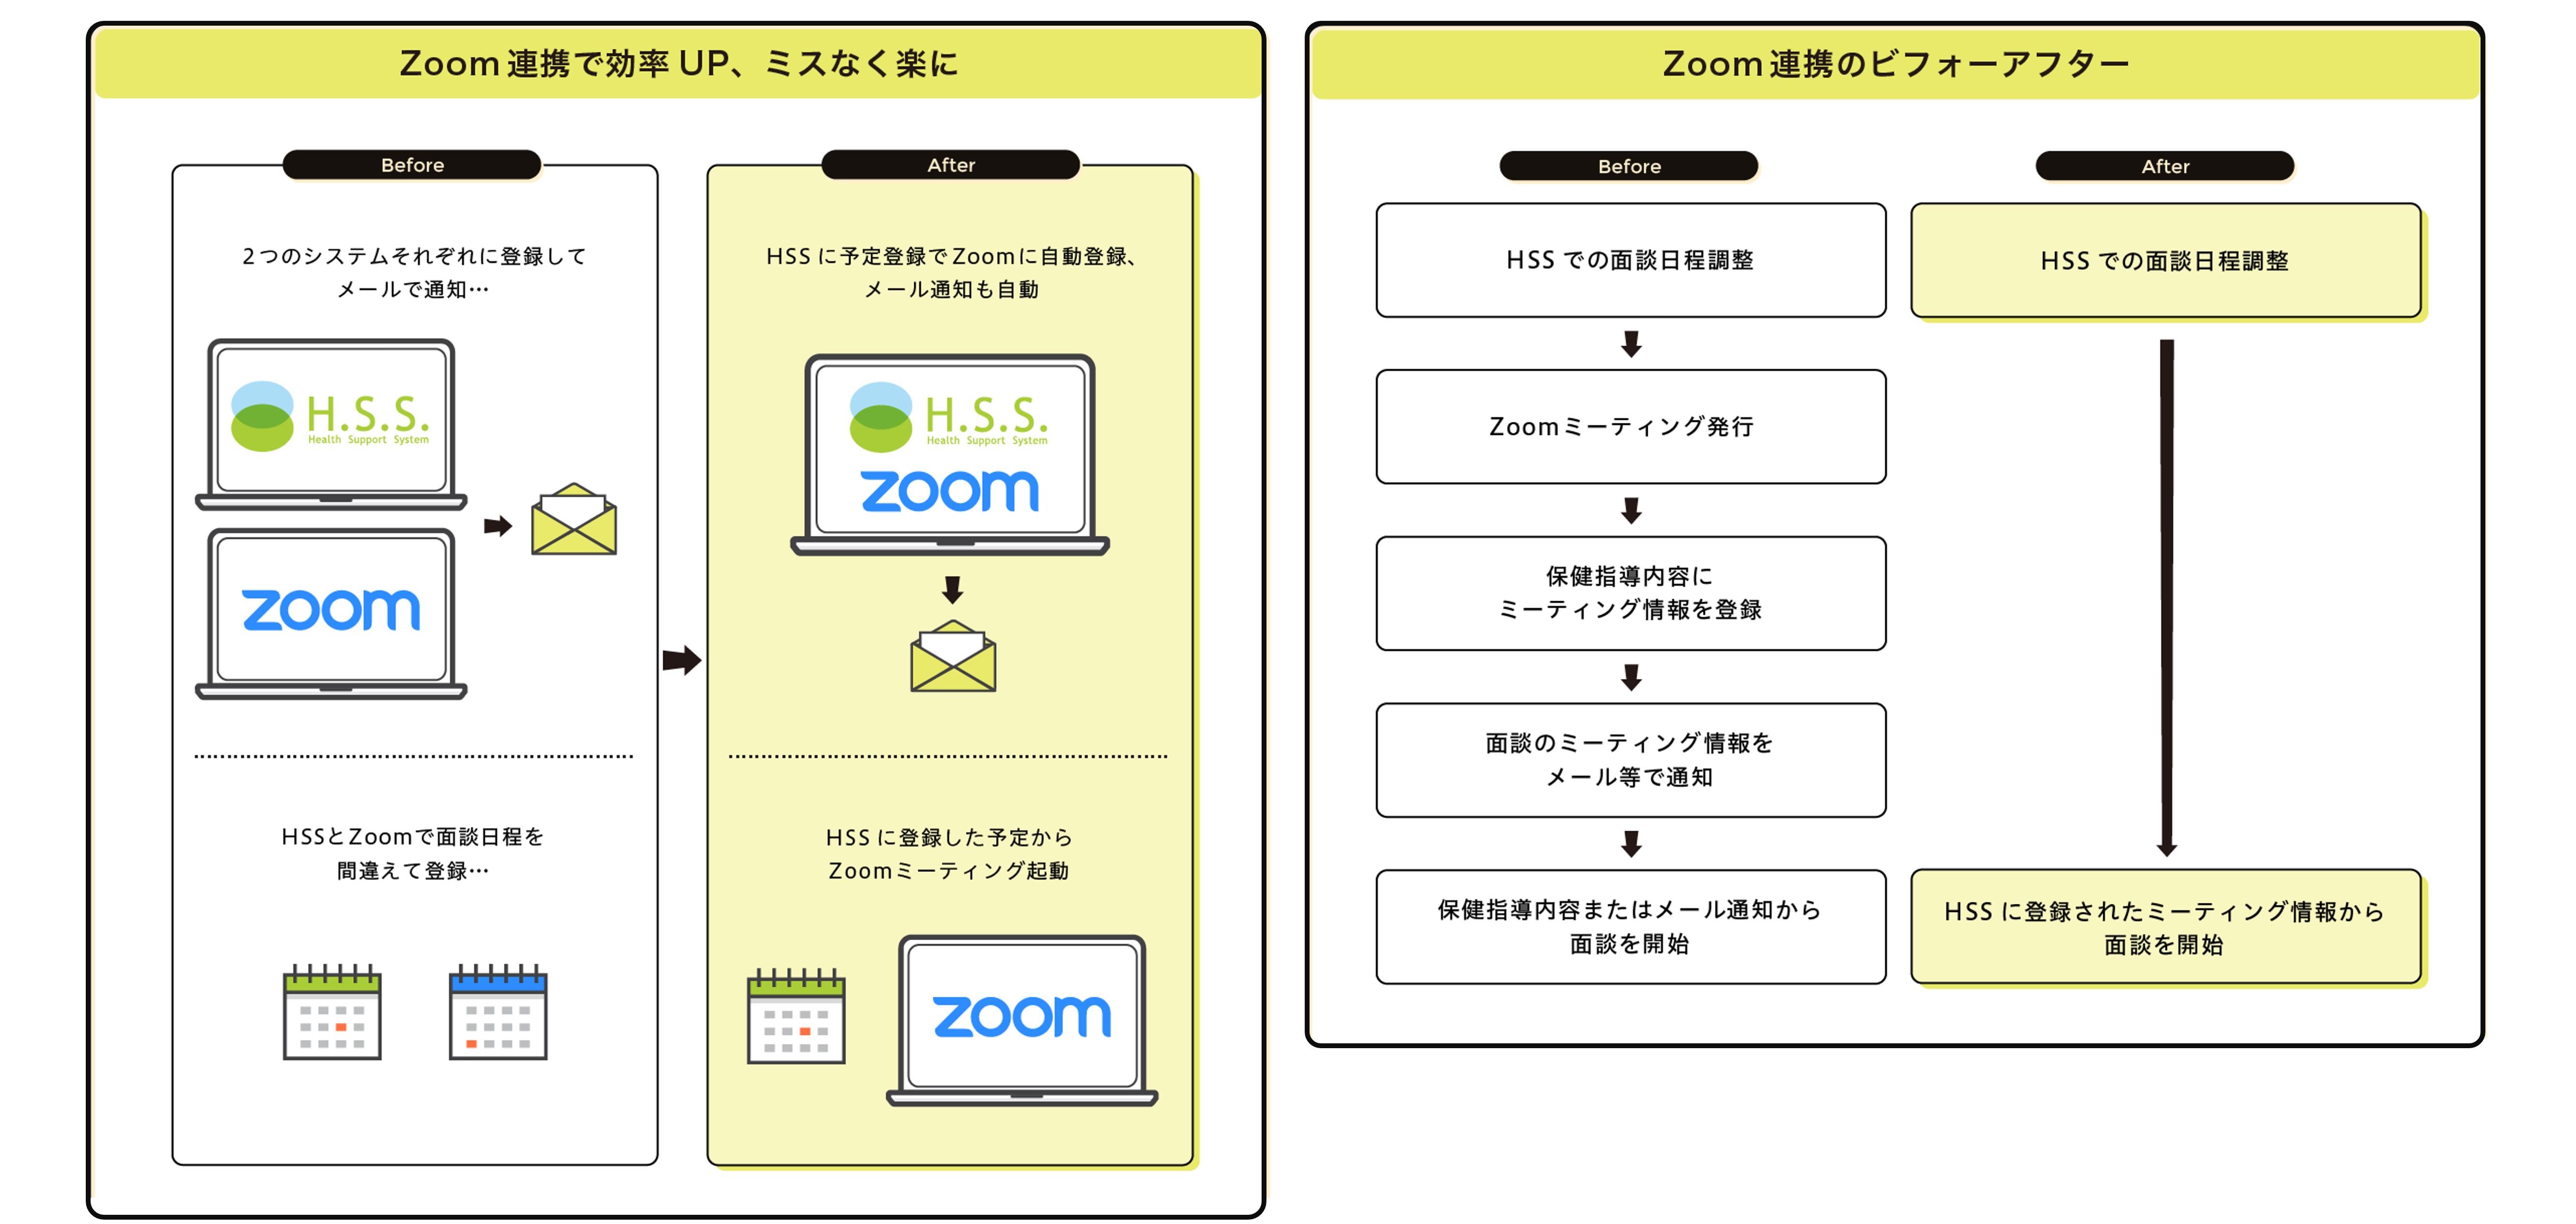 Zoom連携ビフォーアフター